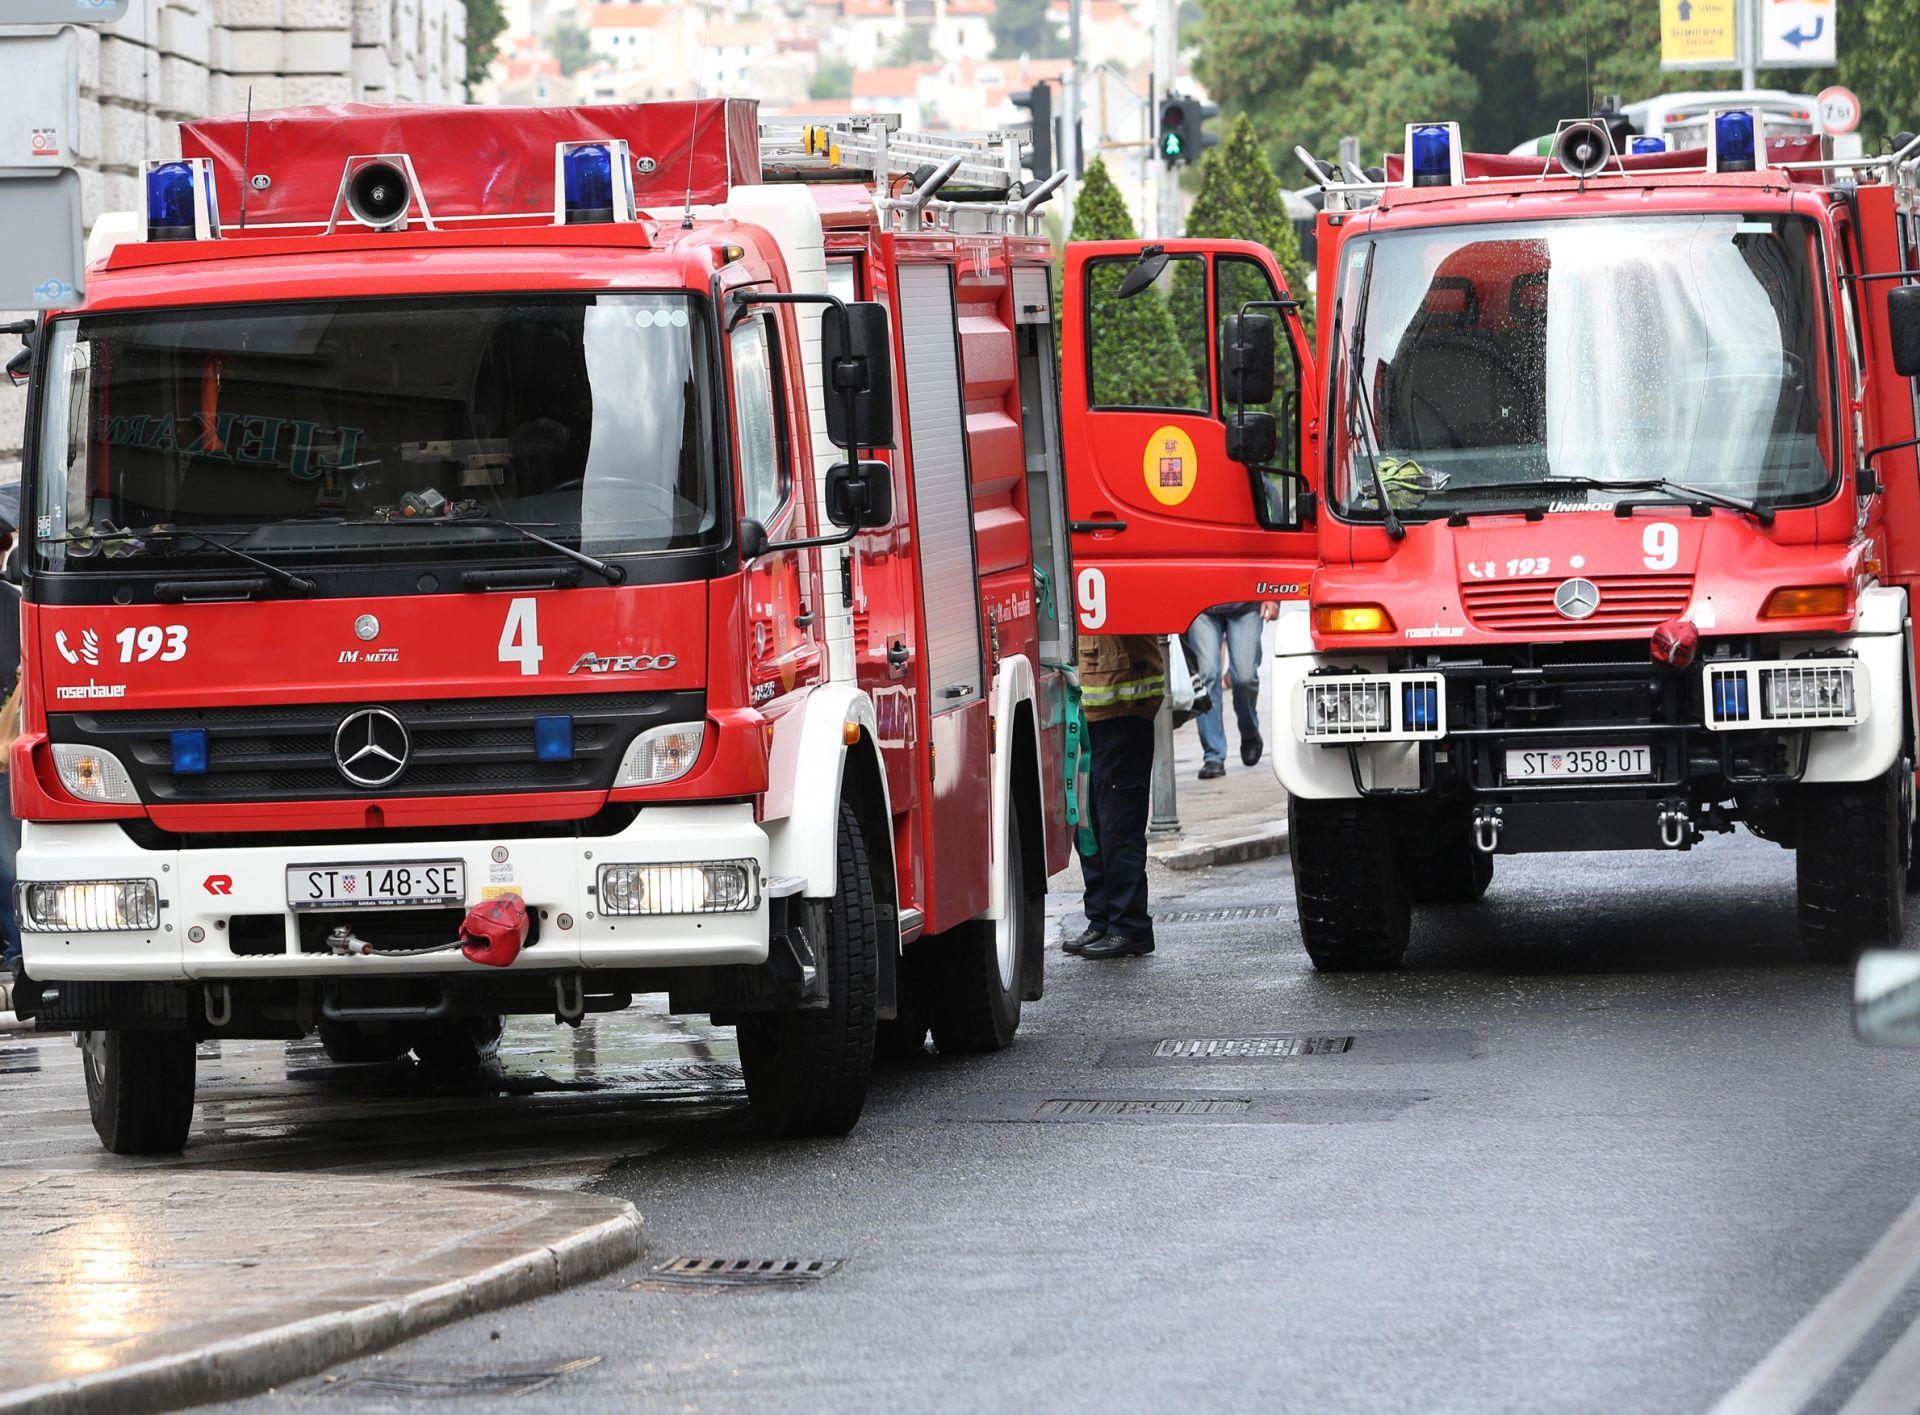 PROJEKT SIGURNOSTI: Splitski vatrogasci zajedno s građanima i tvrtkama do boljih rezultata